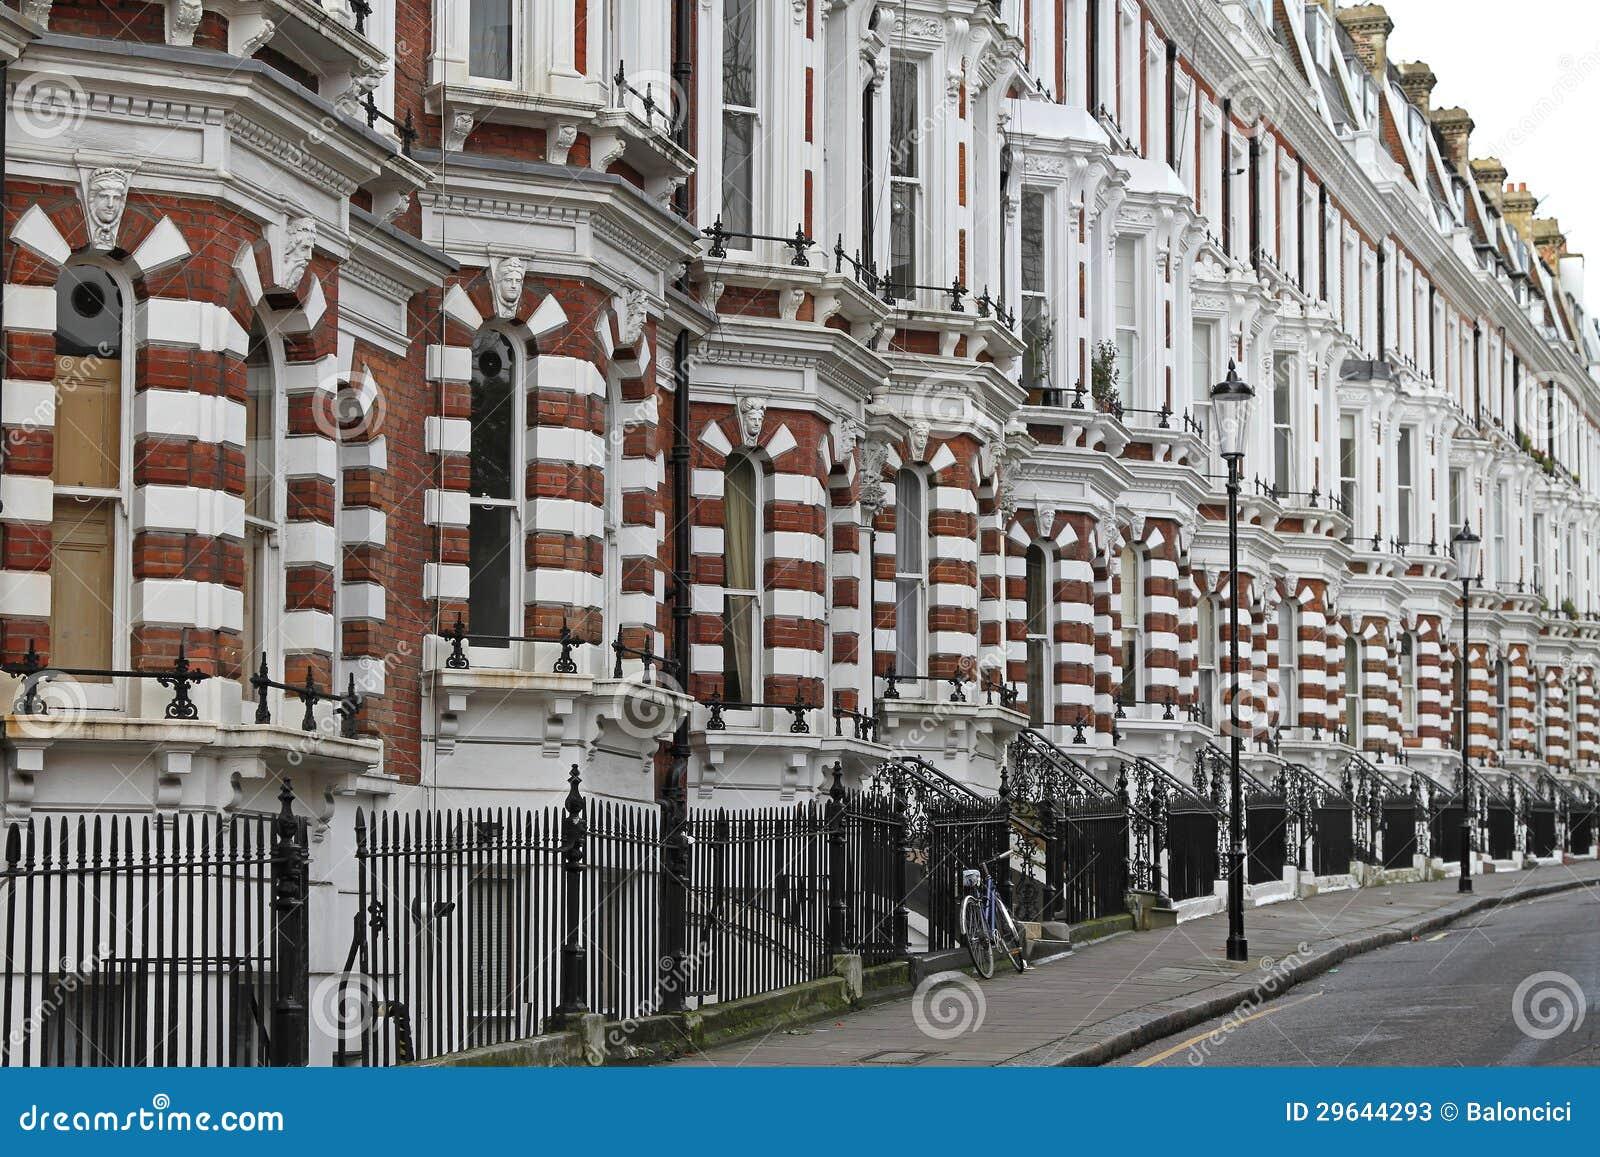 case vittoriane immagine stock immagine di vecchio